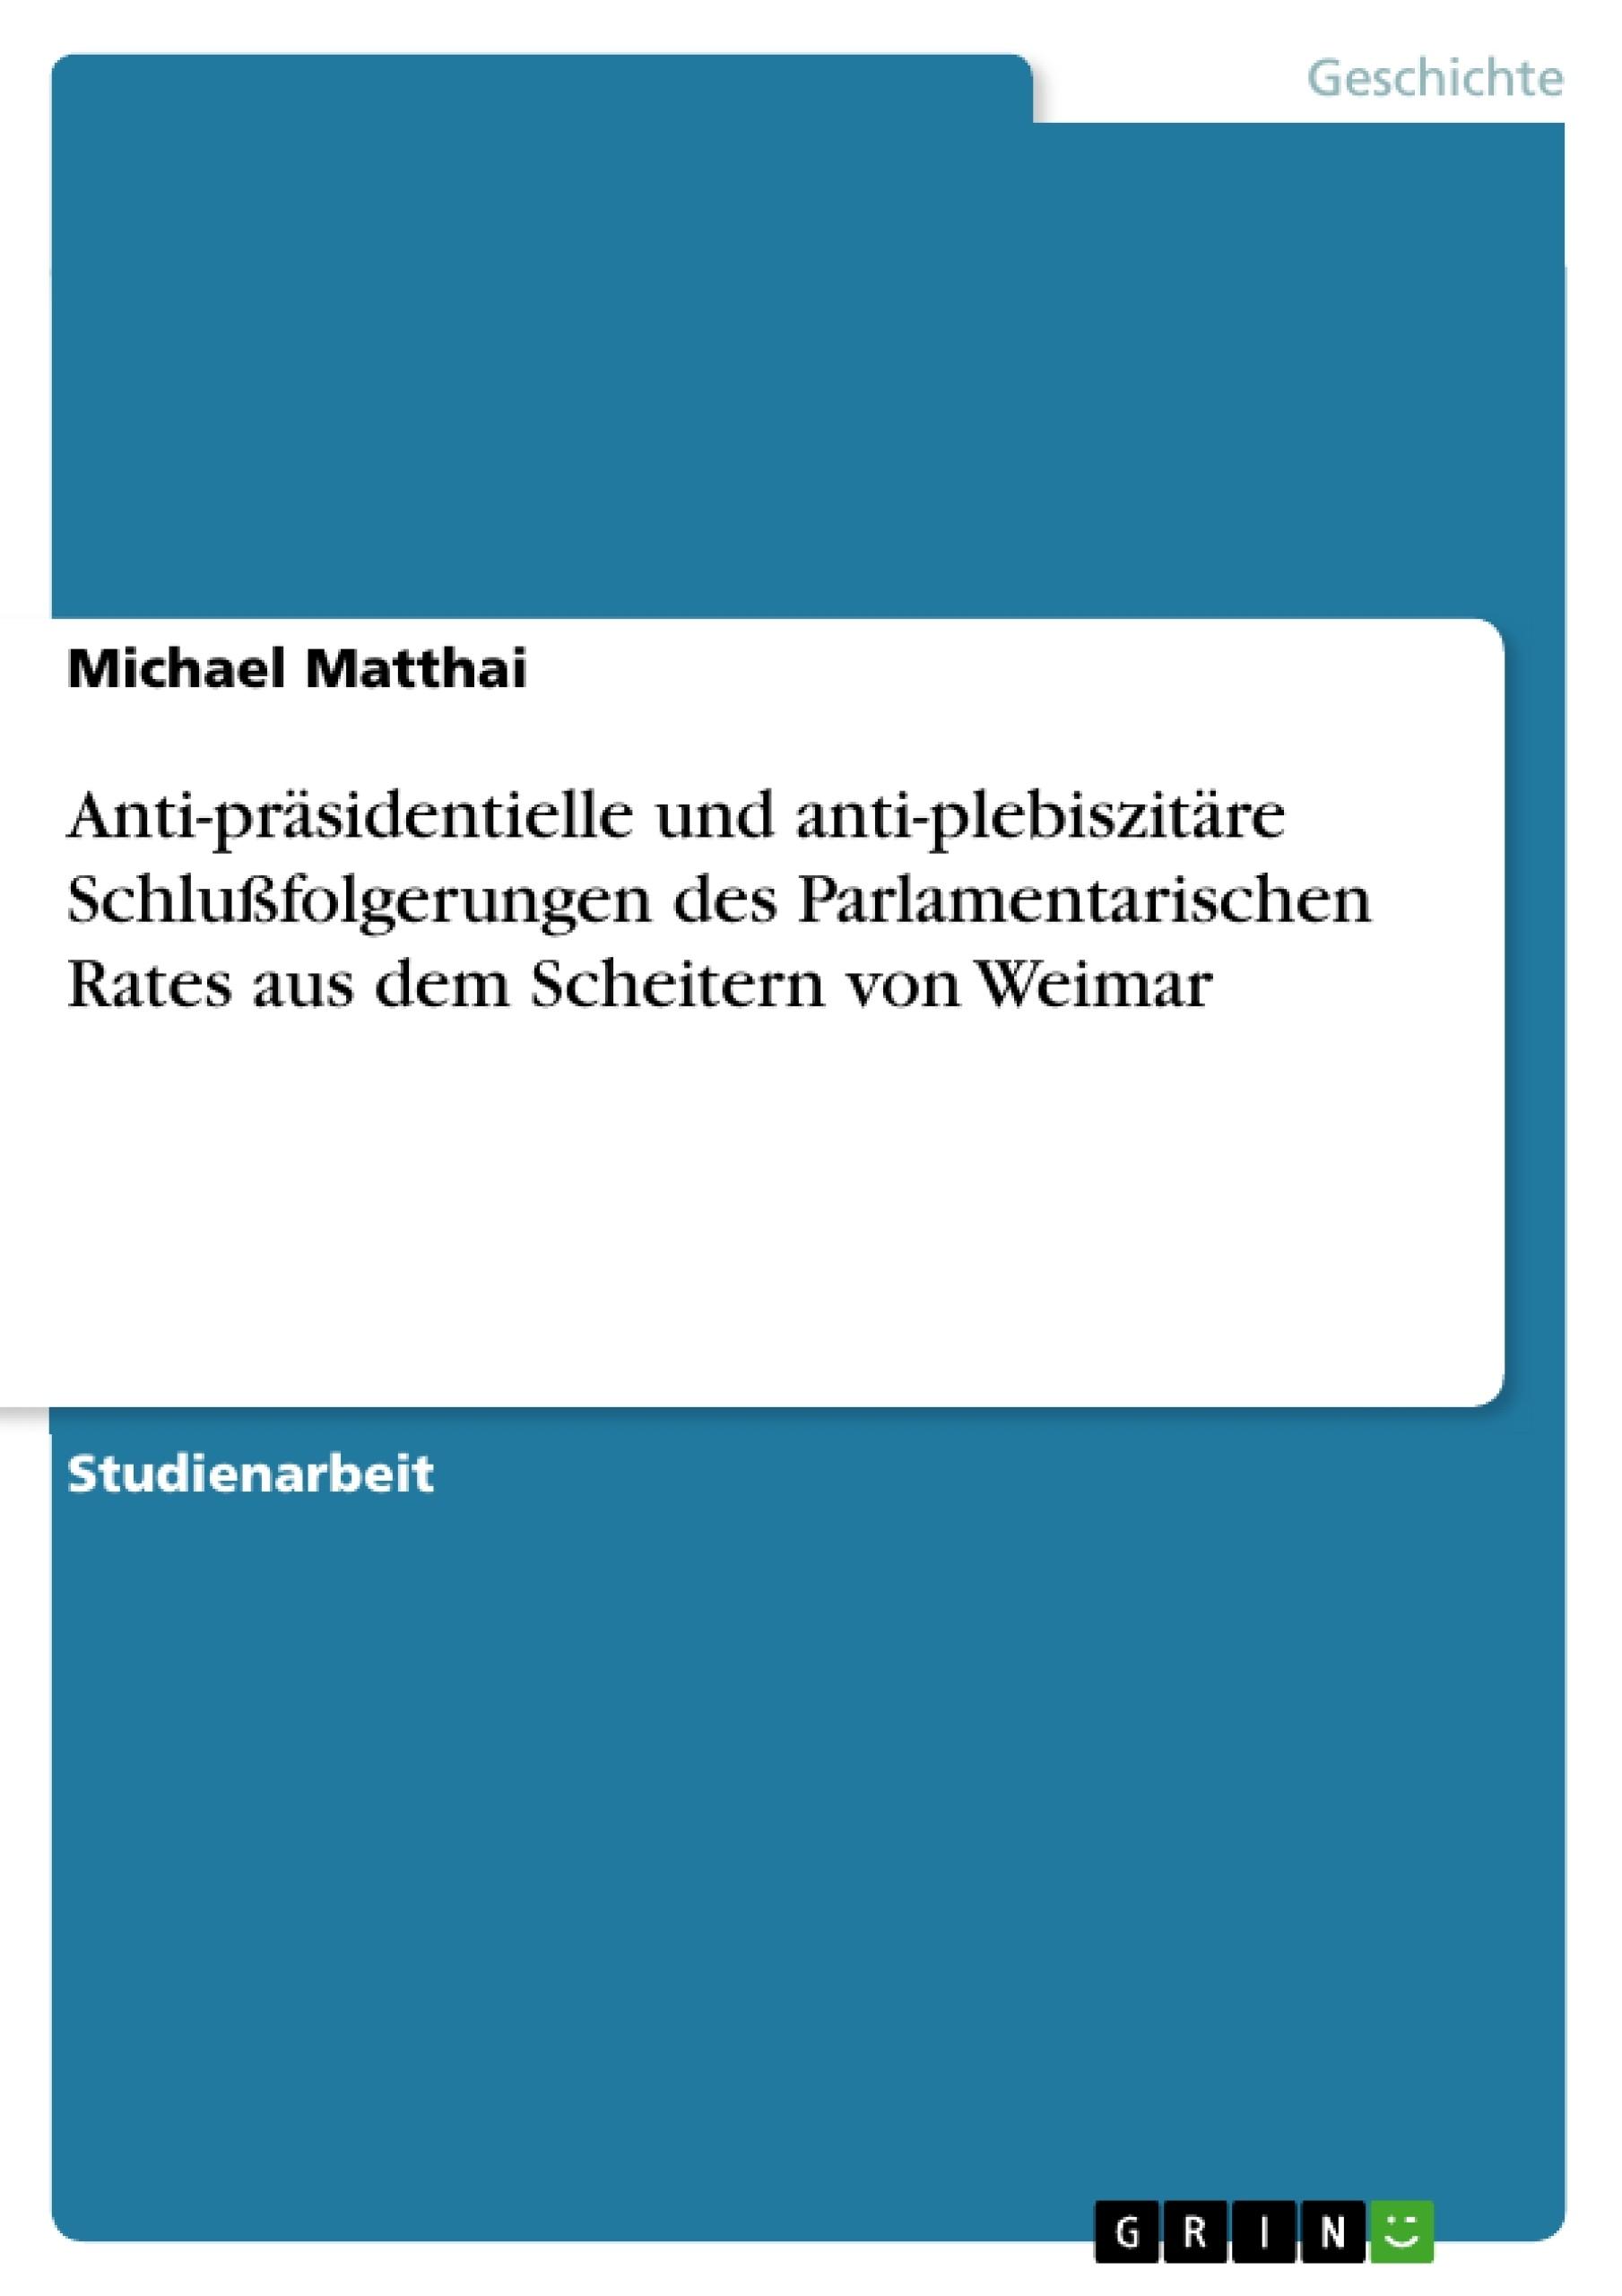 Titel: Anti-präsidentielle und anti-plebiszitäre Schlußfolgerungen des Parlamentarischen Rates aus dem Scheitern von Weimar